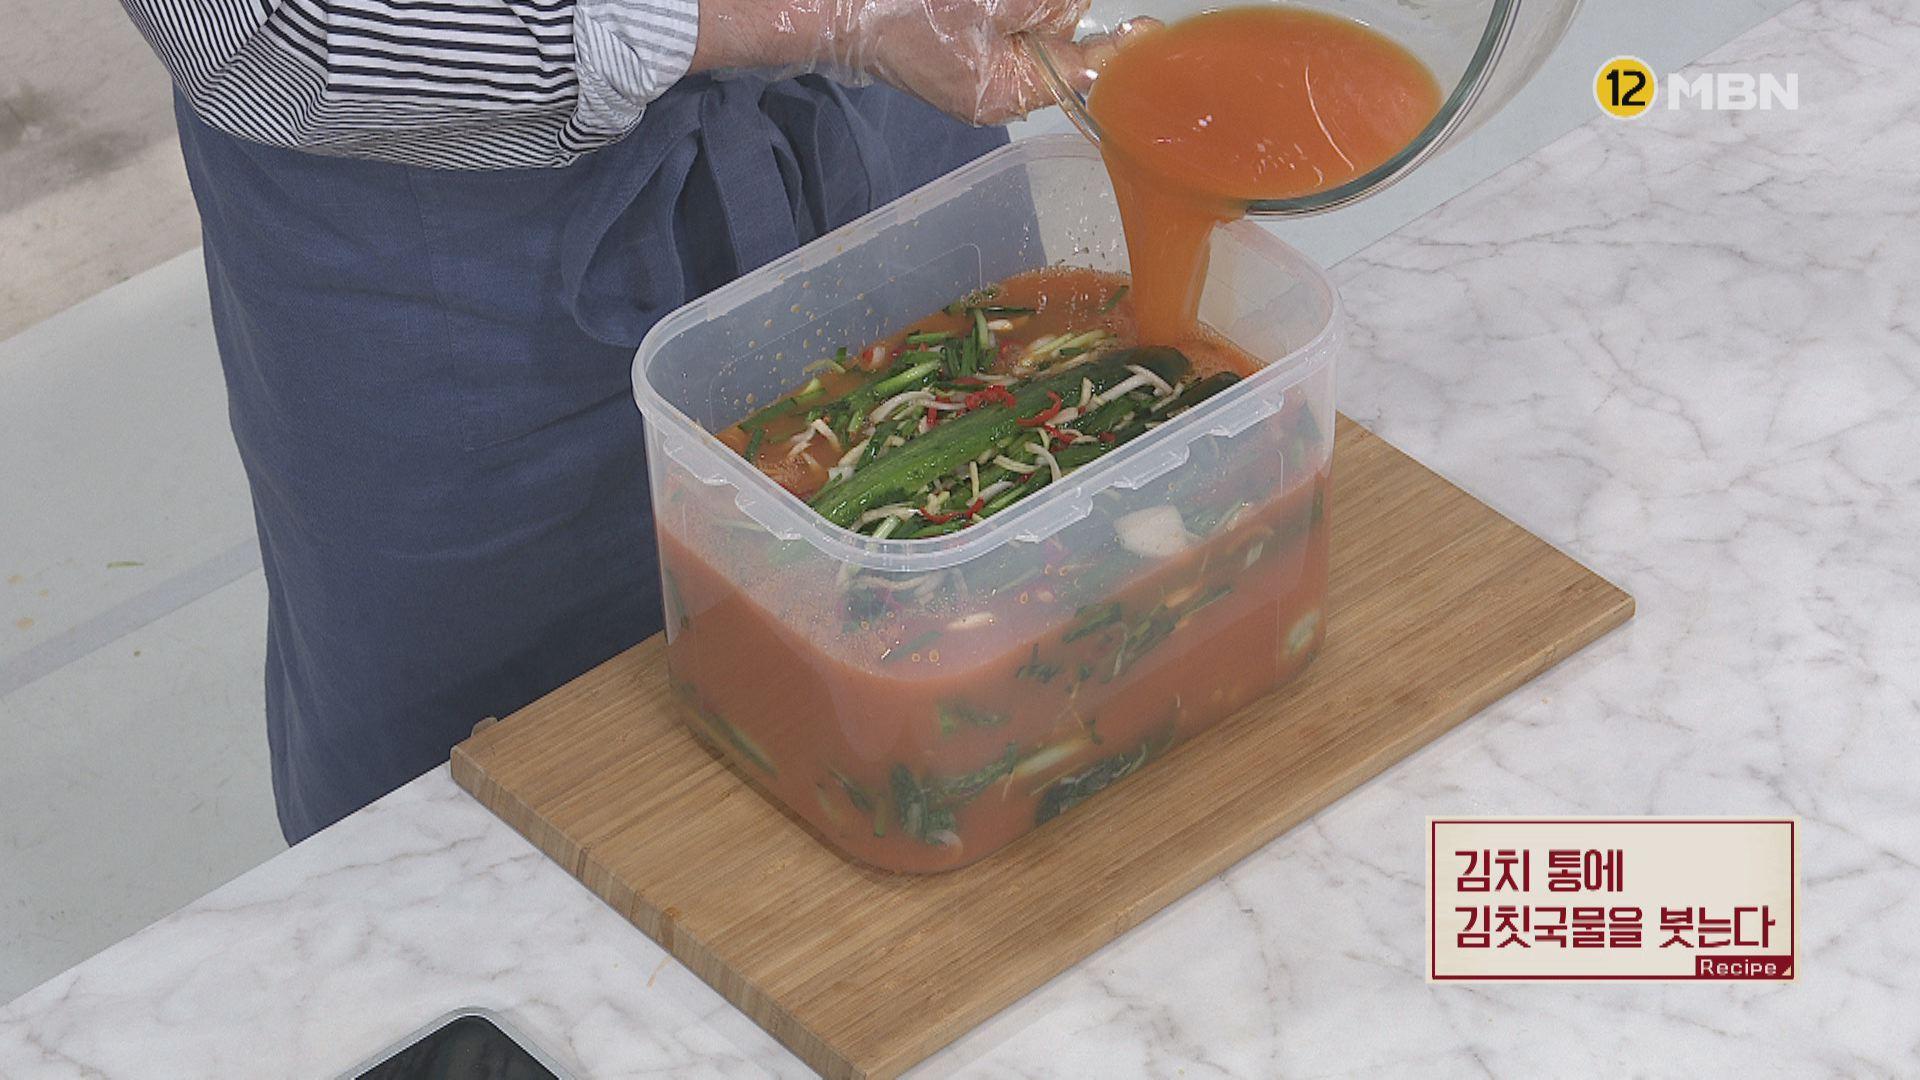 알토란 김하진 오이물김치 만드는 방법